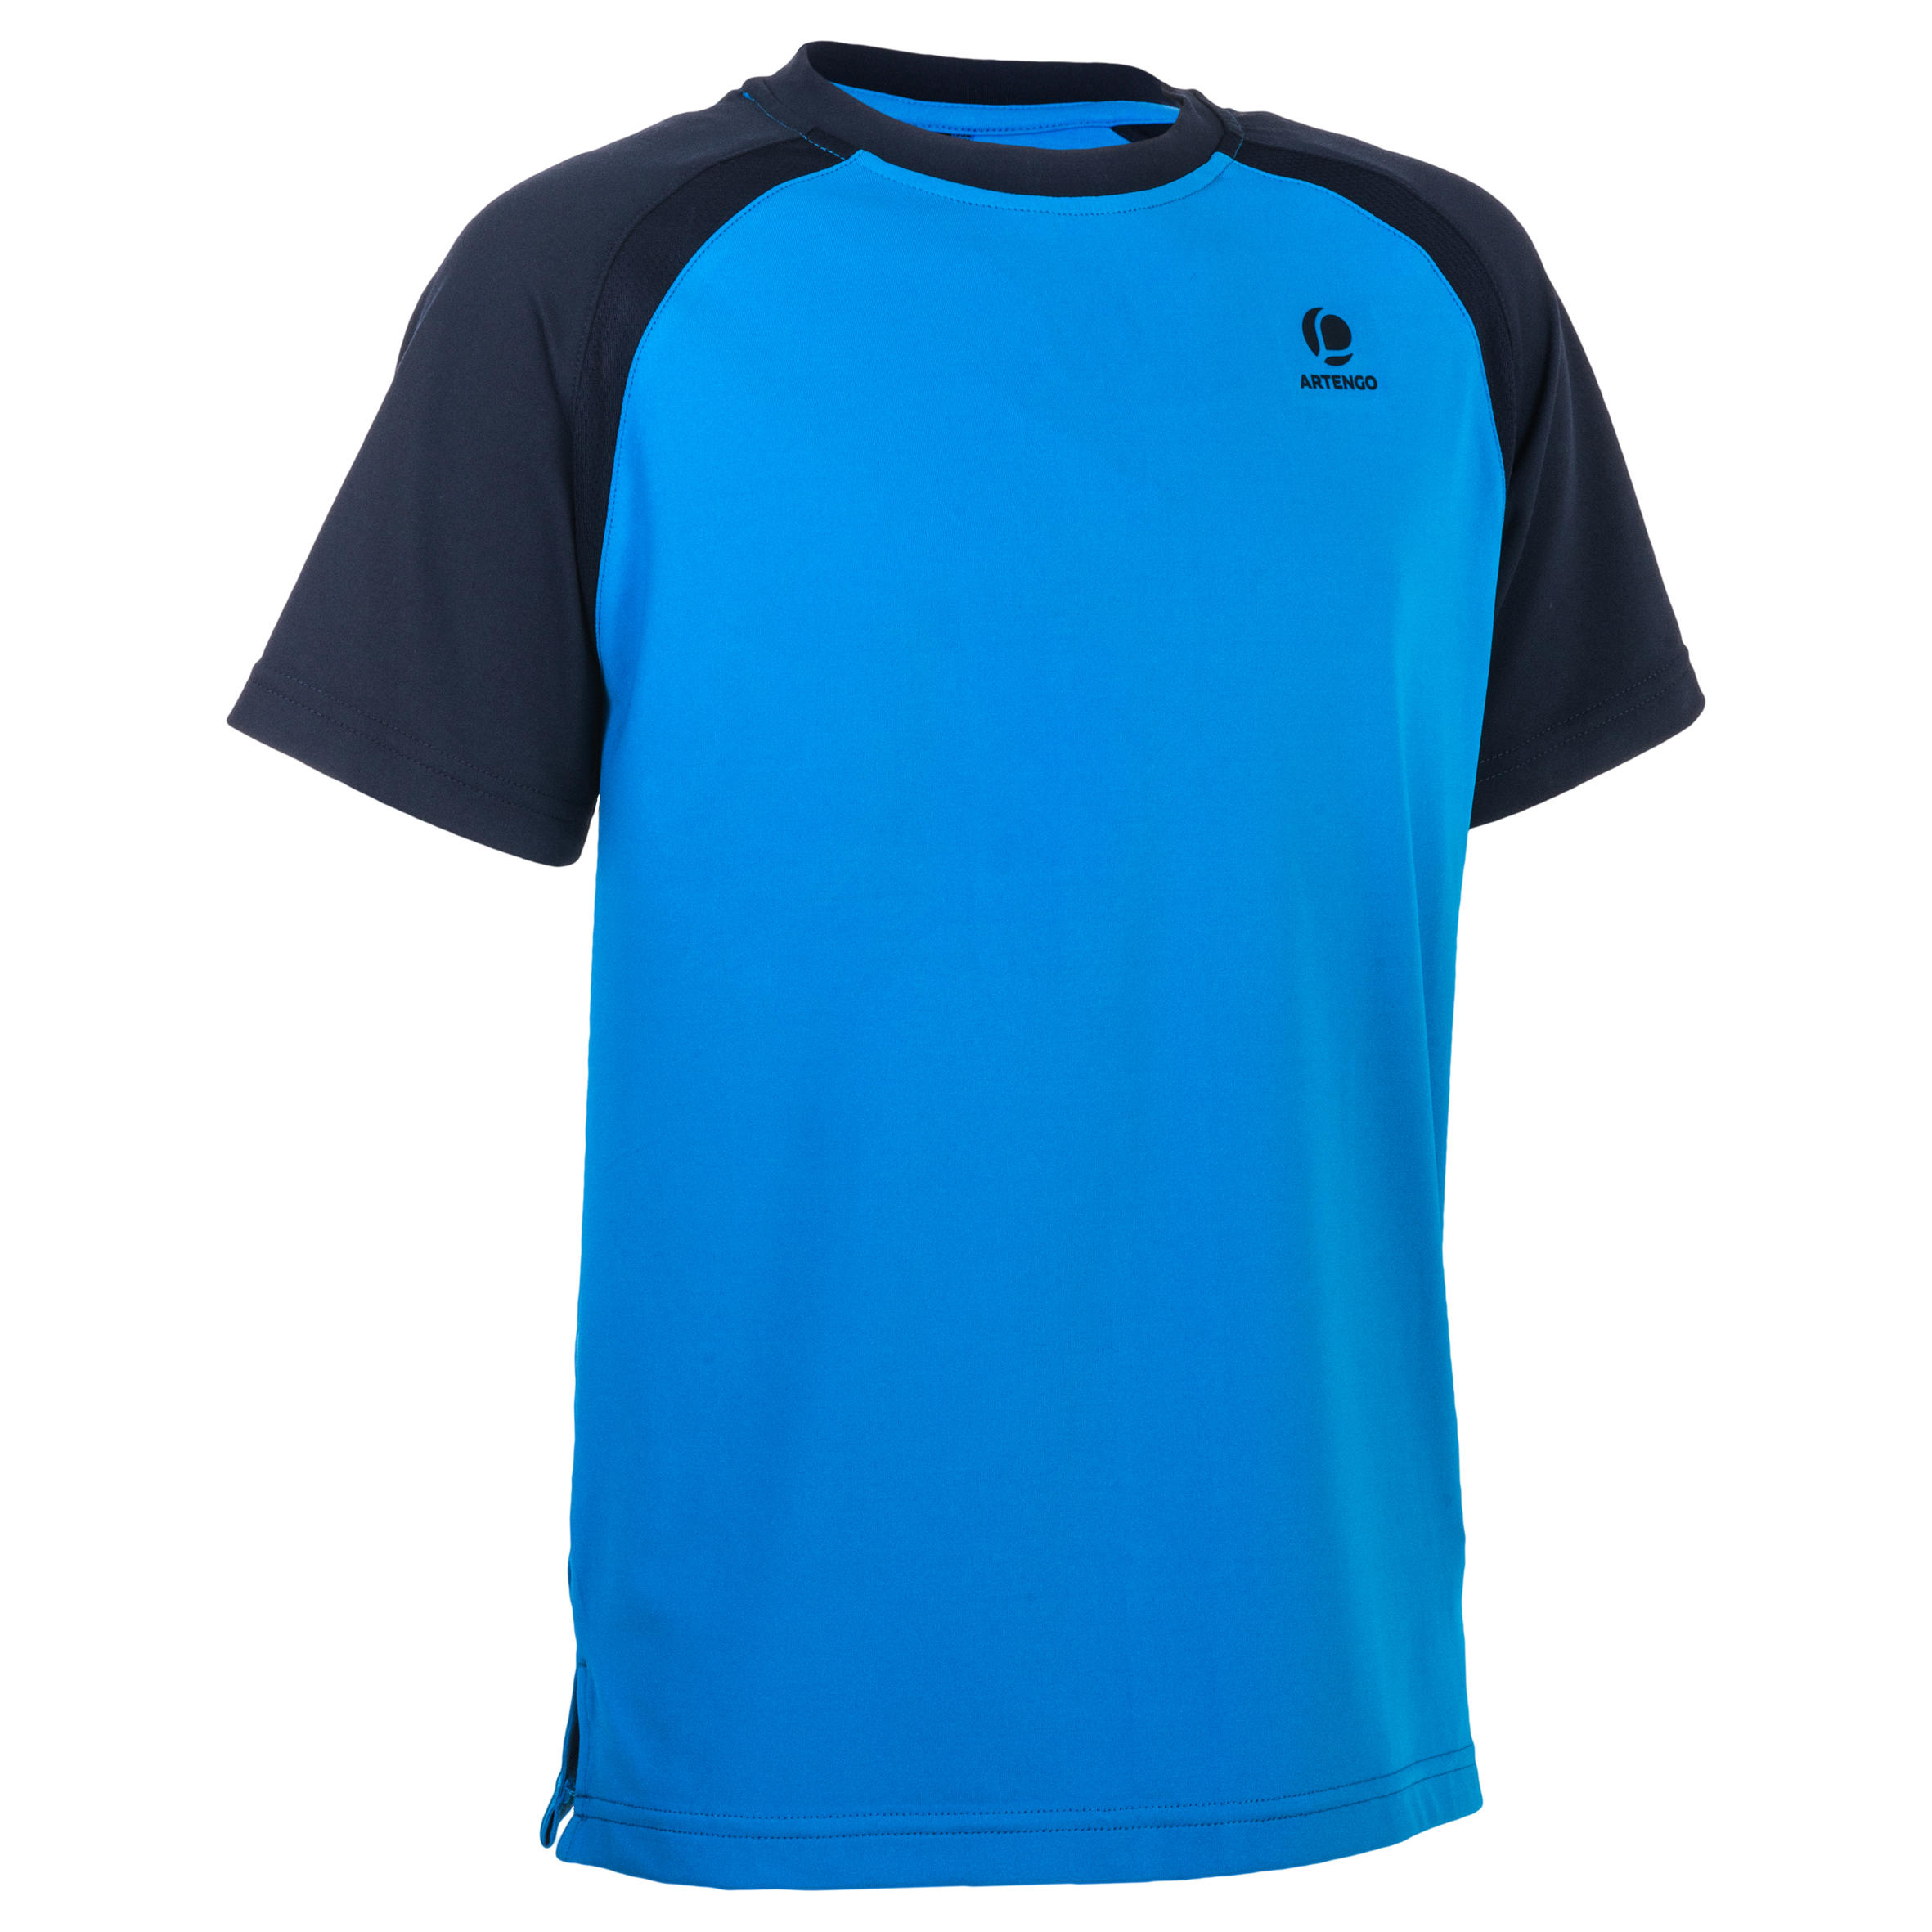 Artengo T-shirt 500 jongens blauw